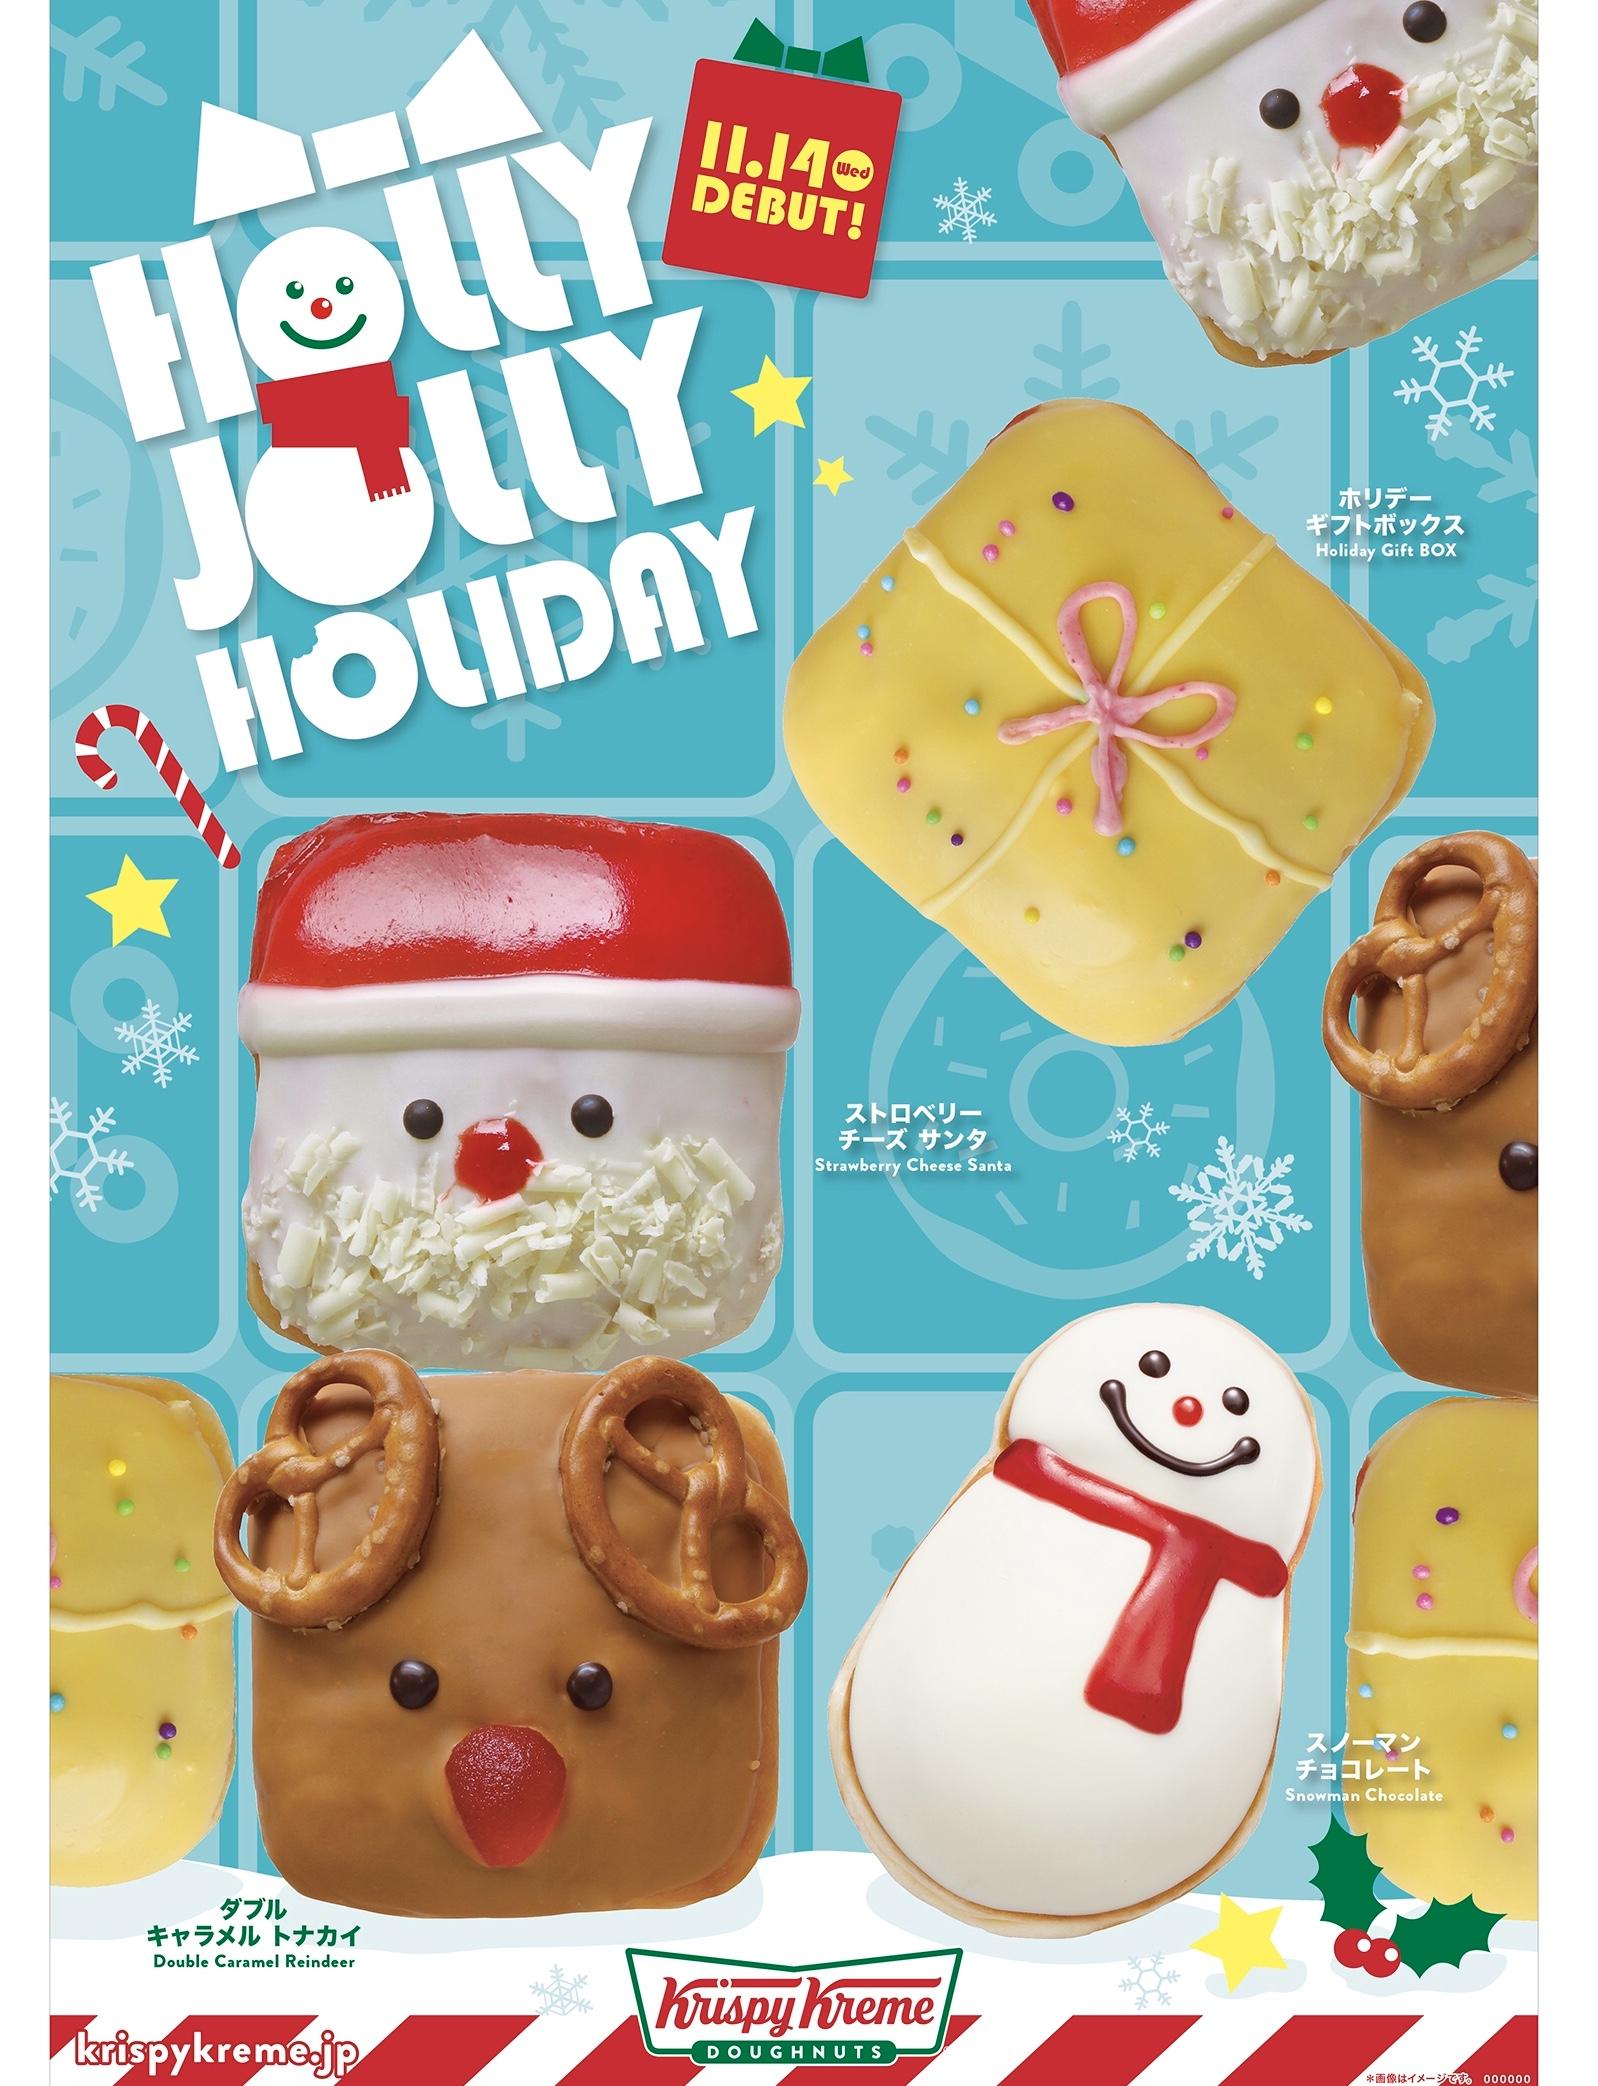 サンタとトナカイがカクカクになって新登場! KKDJ初ミルクティー味クリームも 『Holly Jolly Holiday』 11月14日より期間限定 発売